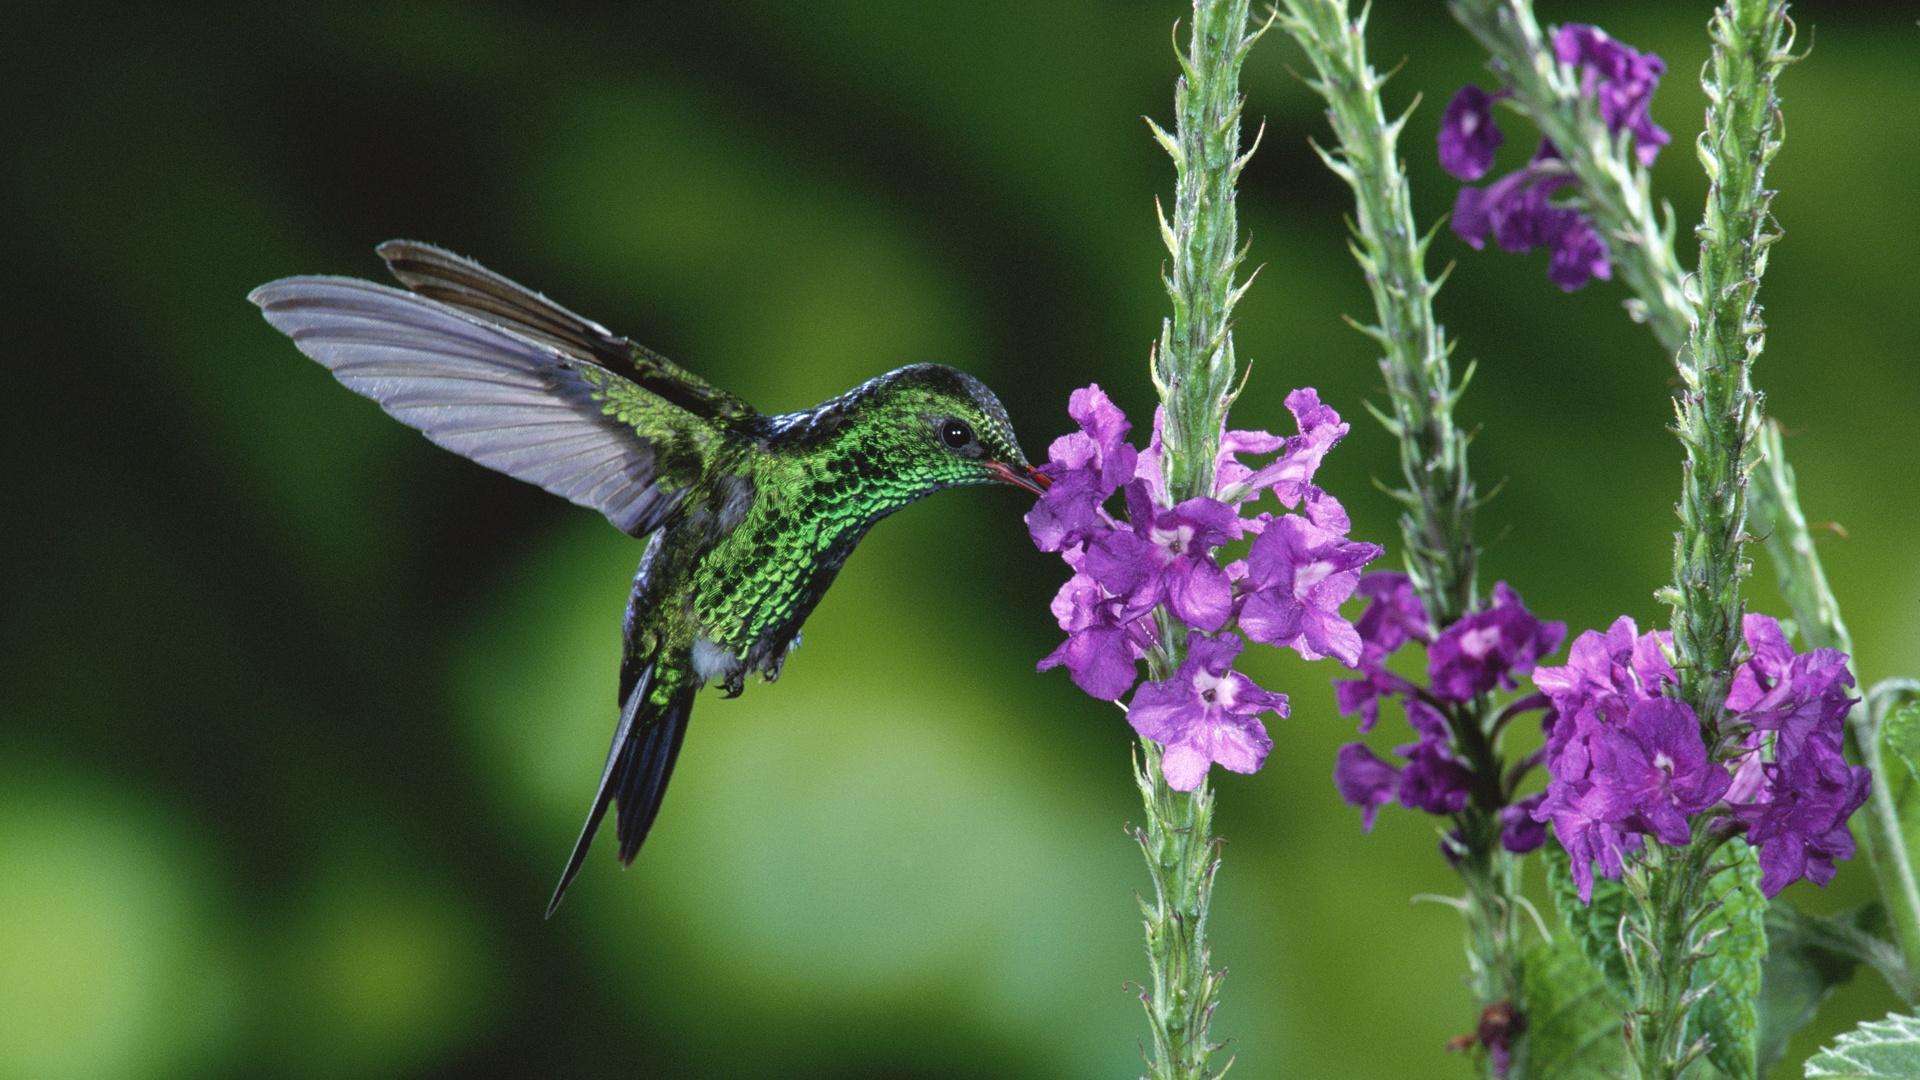 ハチドリの画像 p1_33